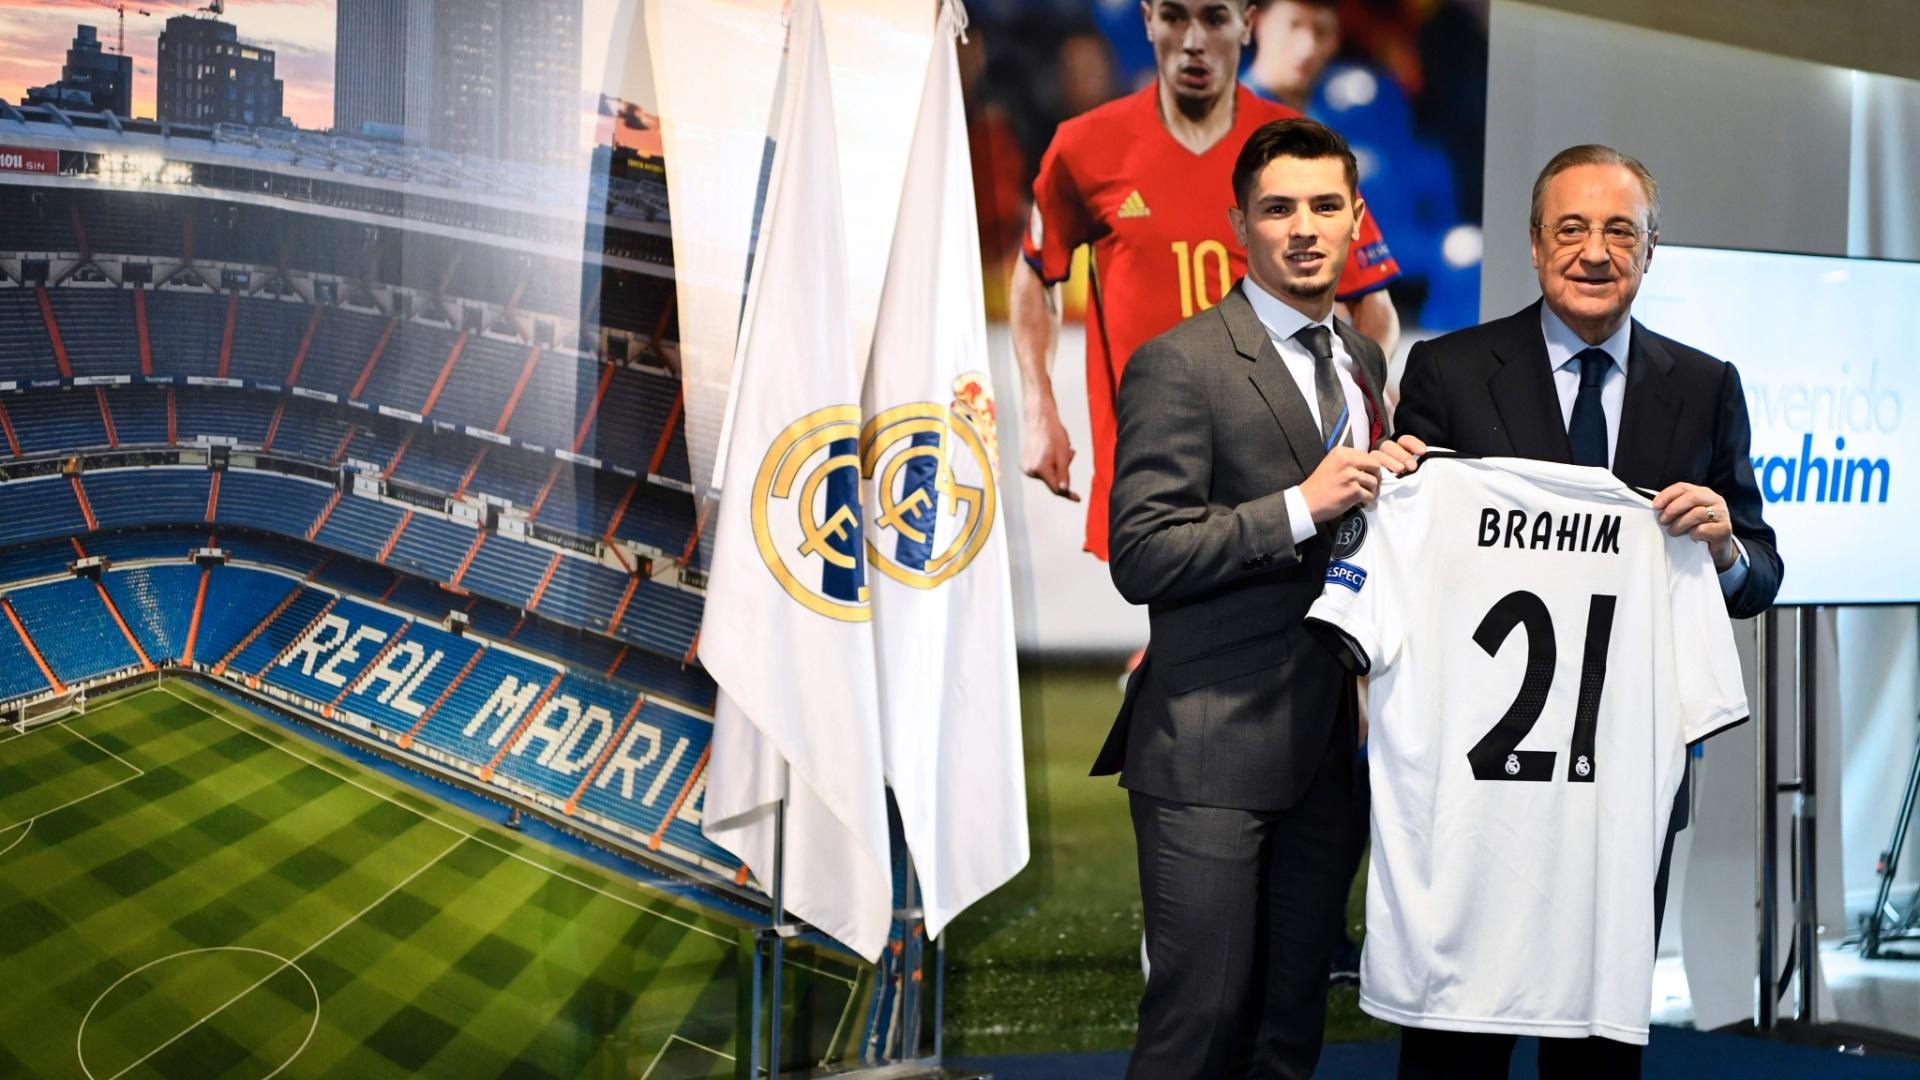 Brahim Diaz Manchester City Real Madrid apresentação